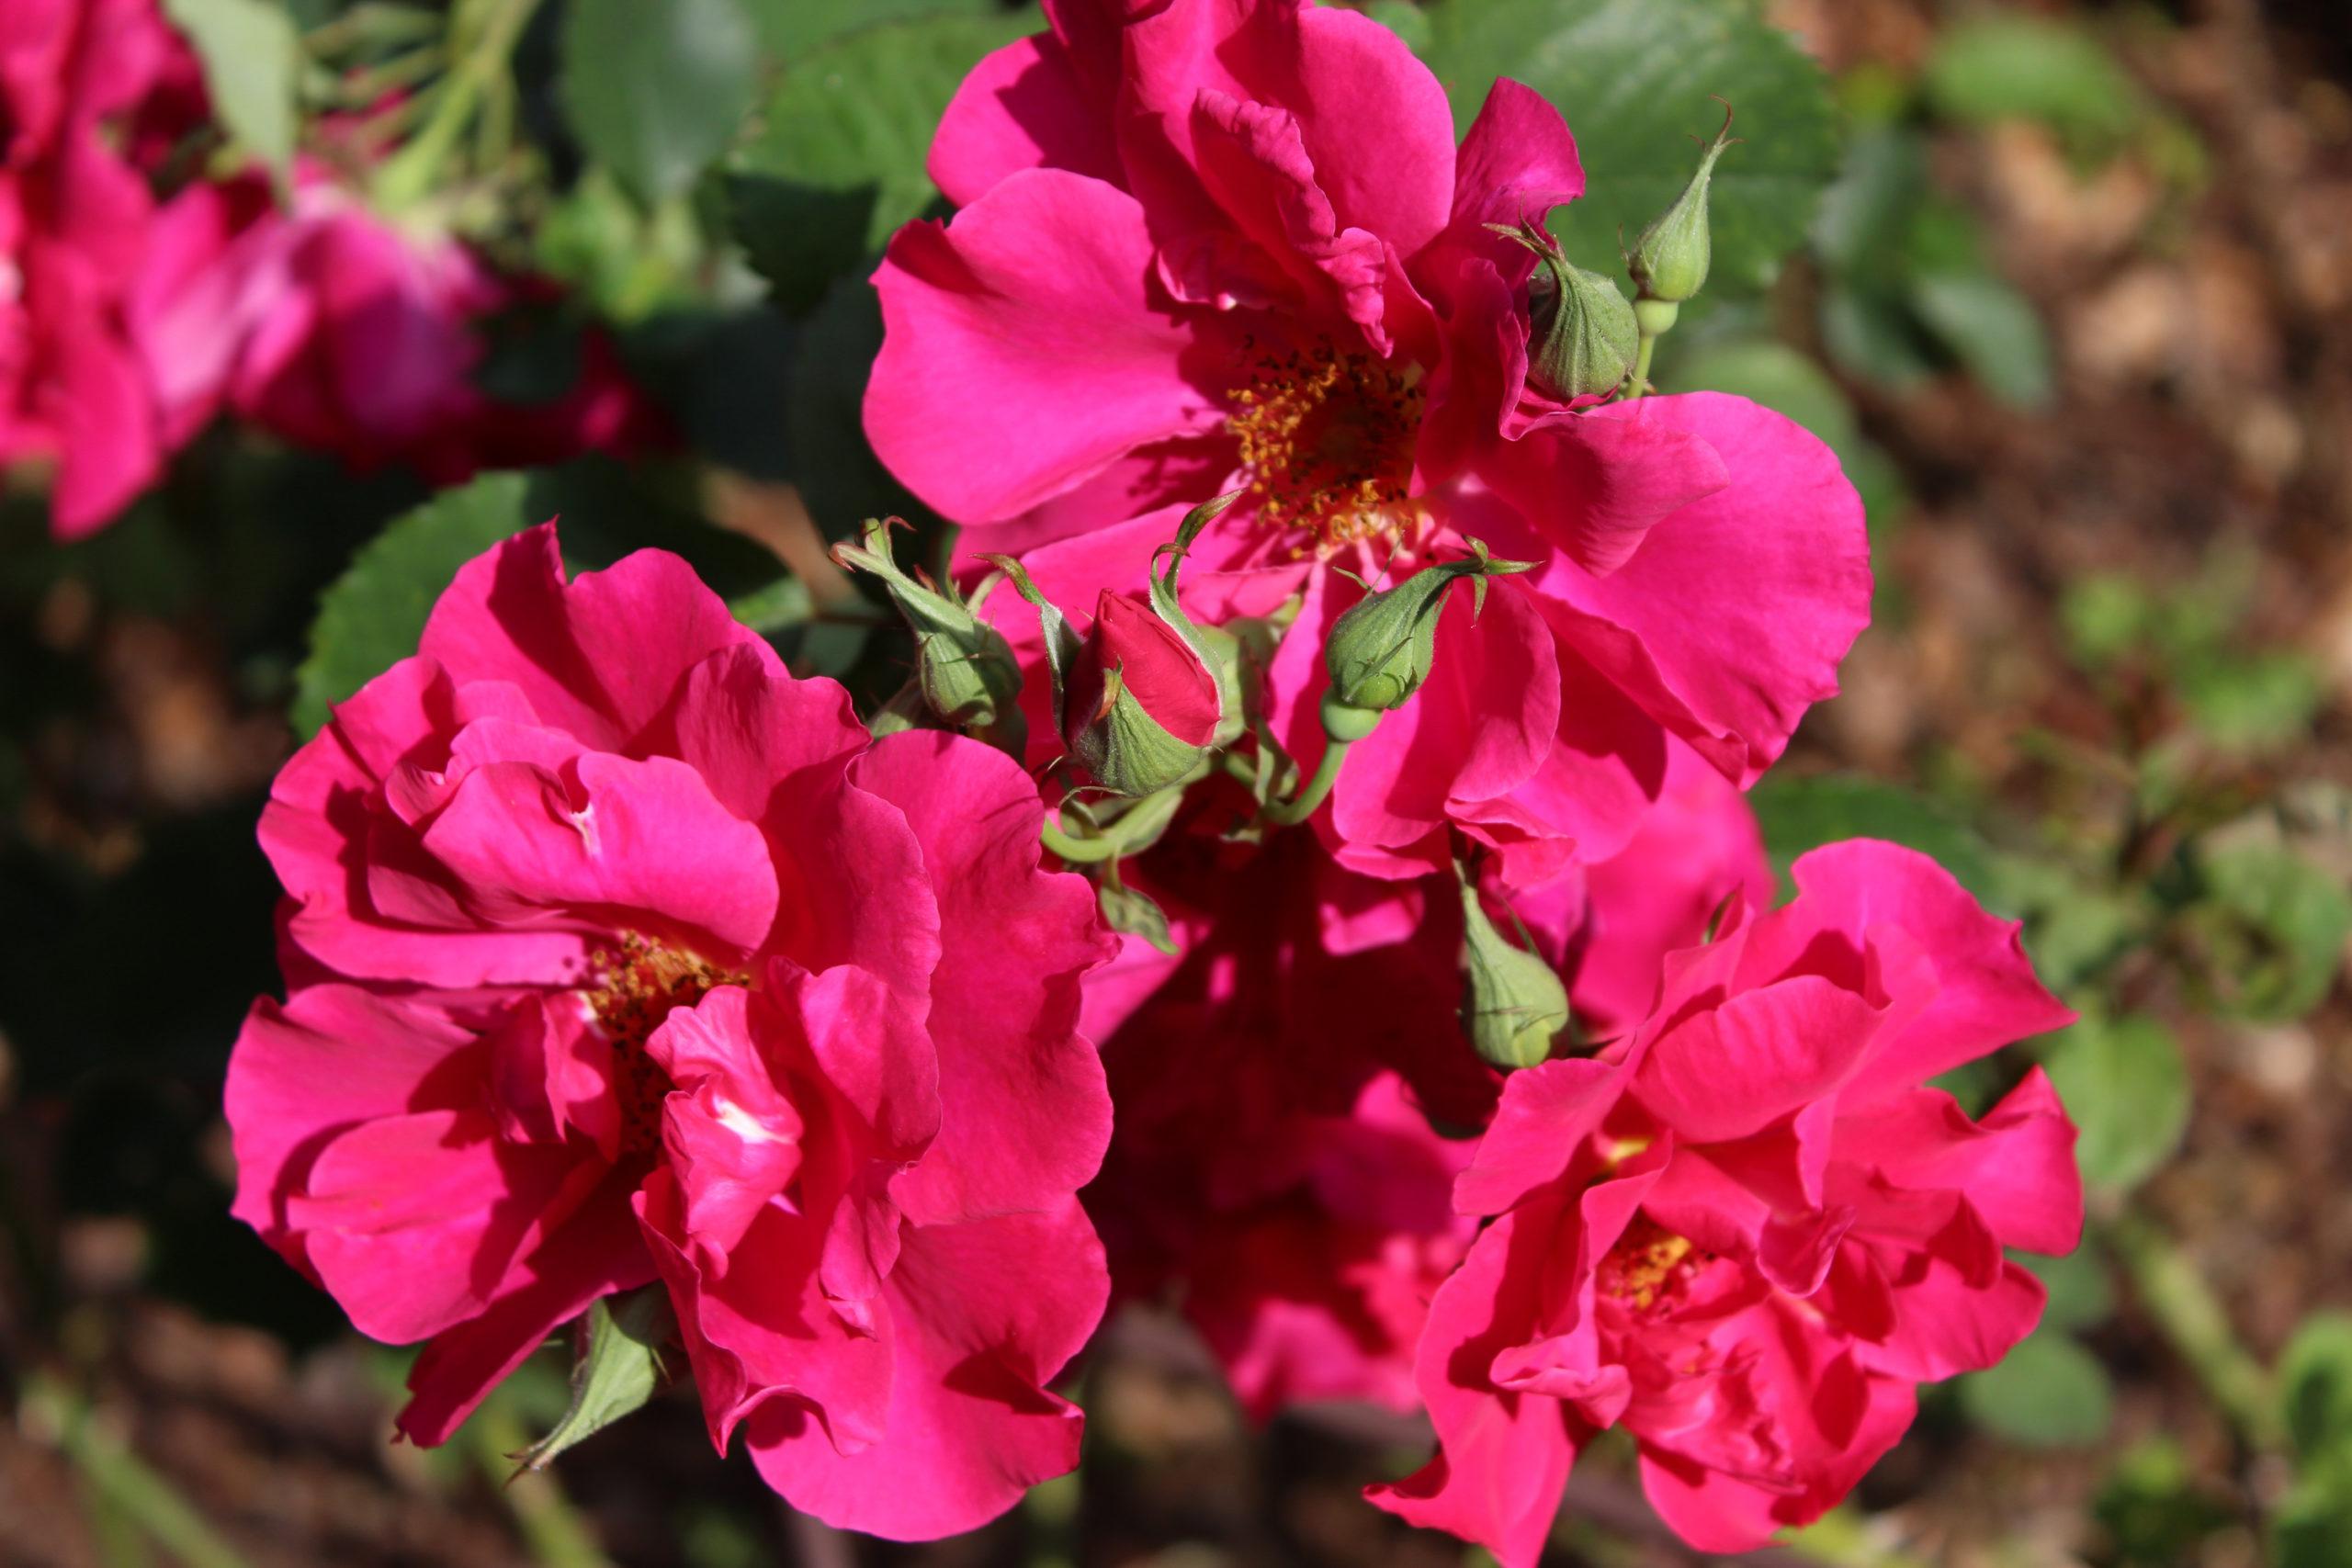 Czerwone kwiaty róży